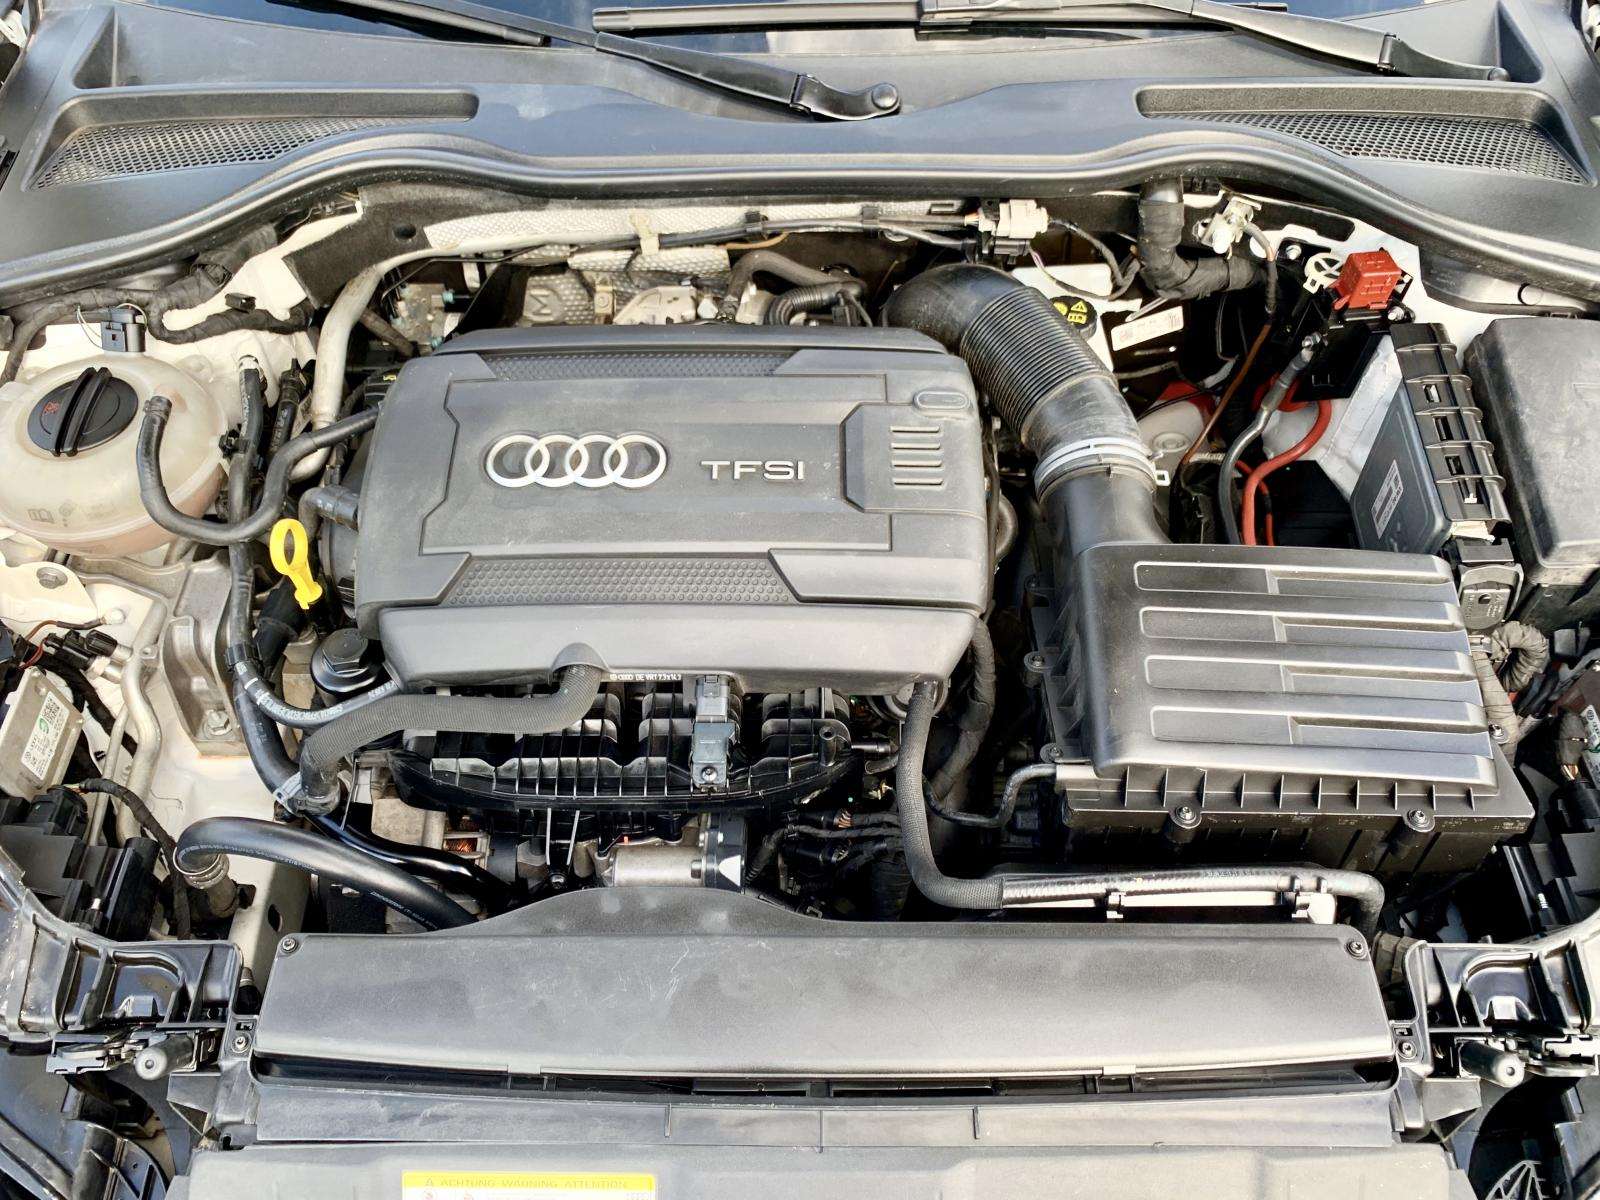 Audi TT Sline 2016, 2 cửa, 4 chỗ loại cao cấp, hàng full đủ đồ chơi